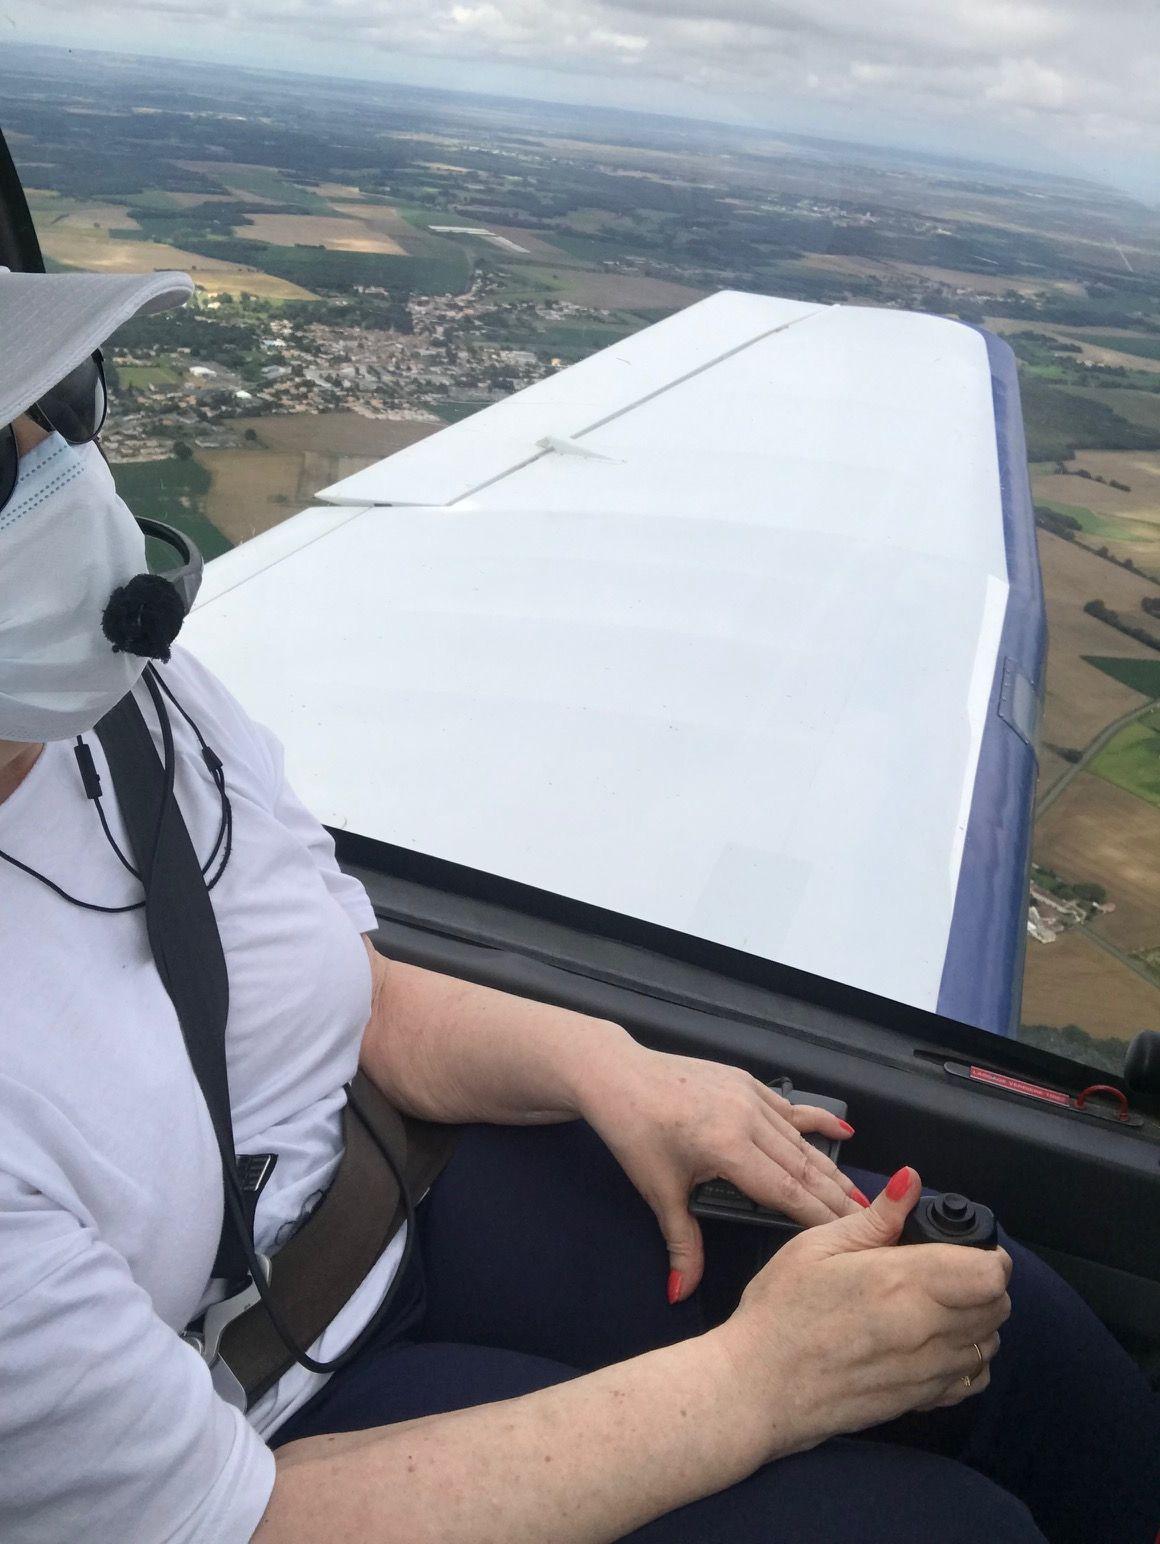 Catherine en vol, les mains sur les commandes ; la partie haute de l'image est occupée par l'aile de l'avion tandis qu'on profite de l'horizon de verdures et d'un morceau de ciel